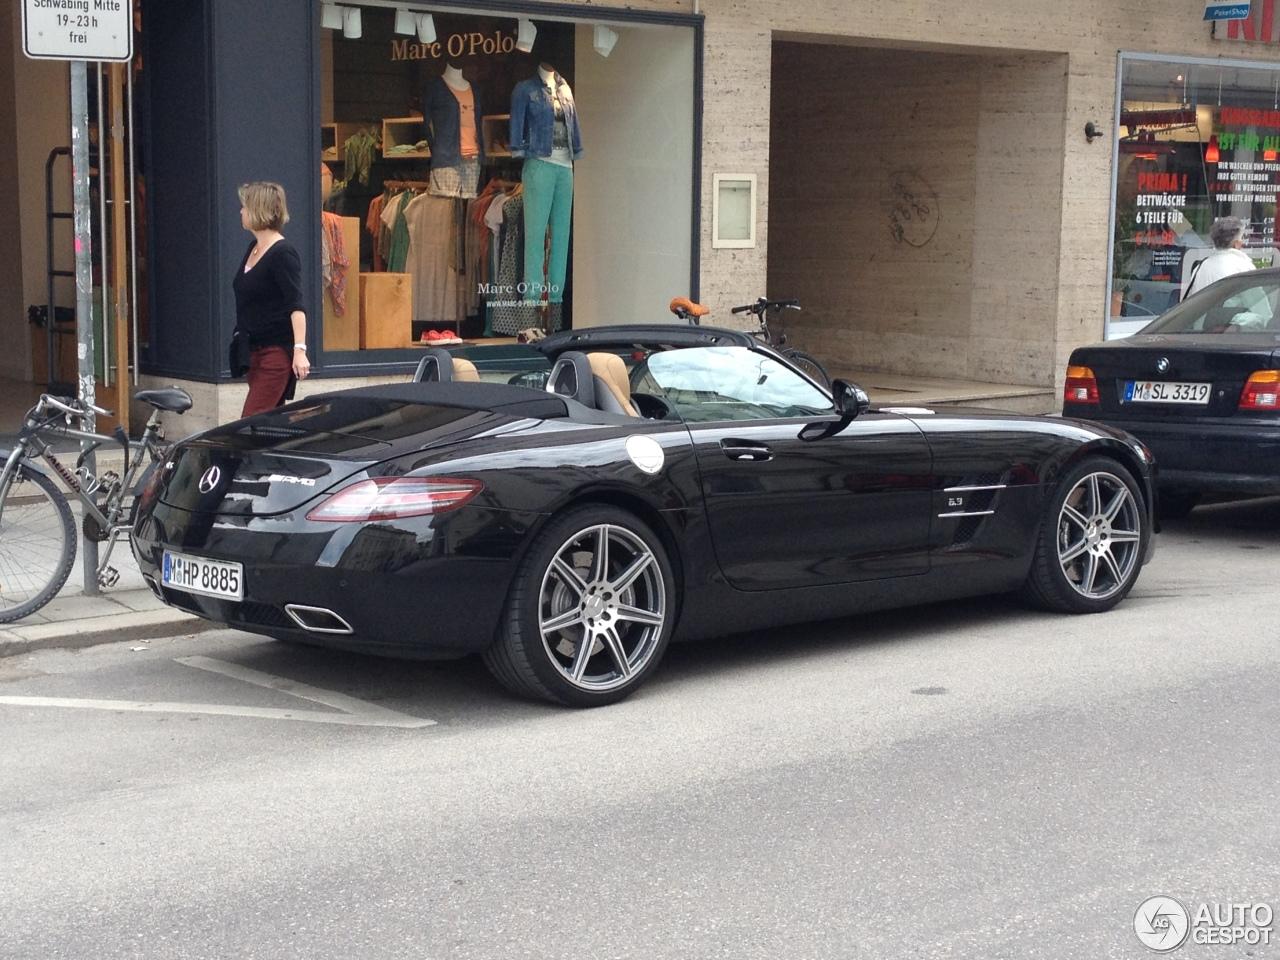 Mercedes Benz Sls Amg Roadster 19 April 2013 Autogespot